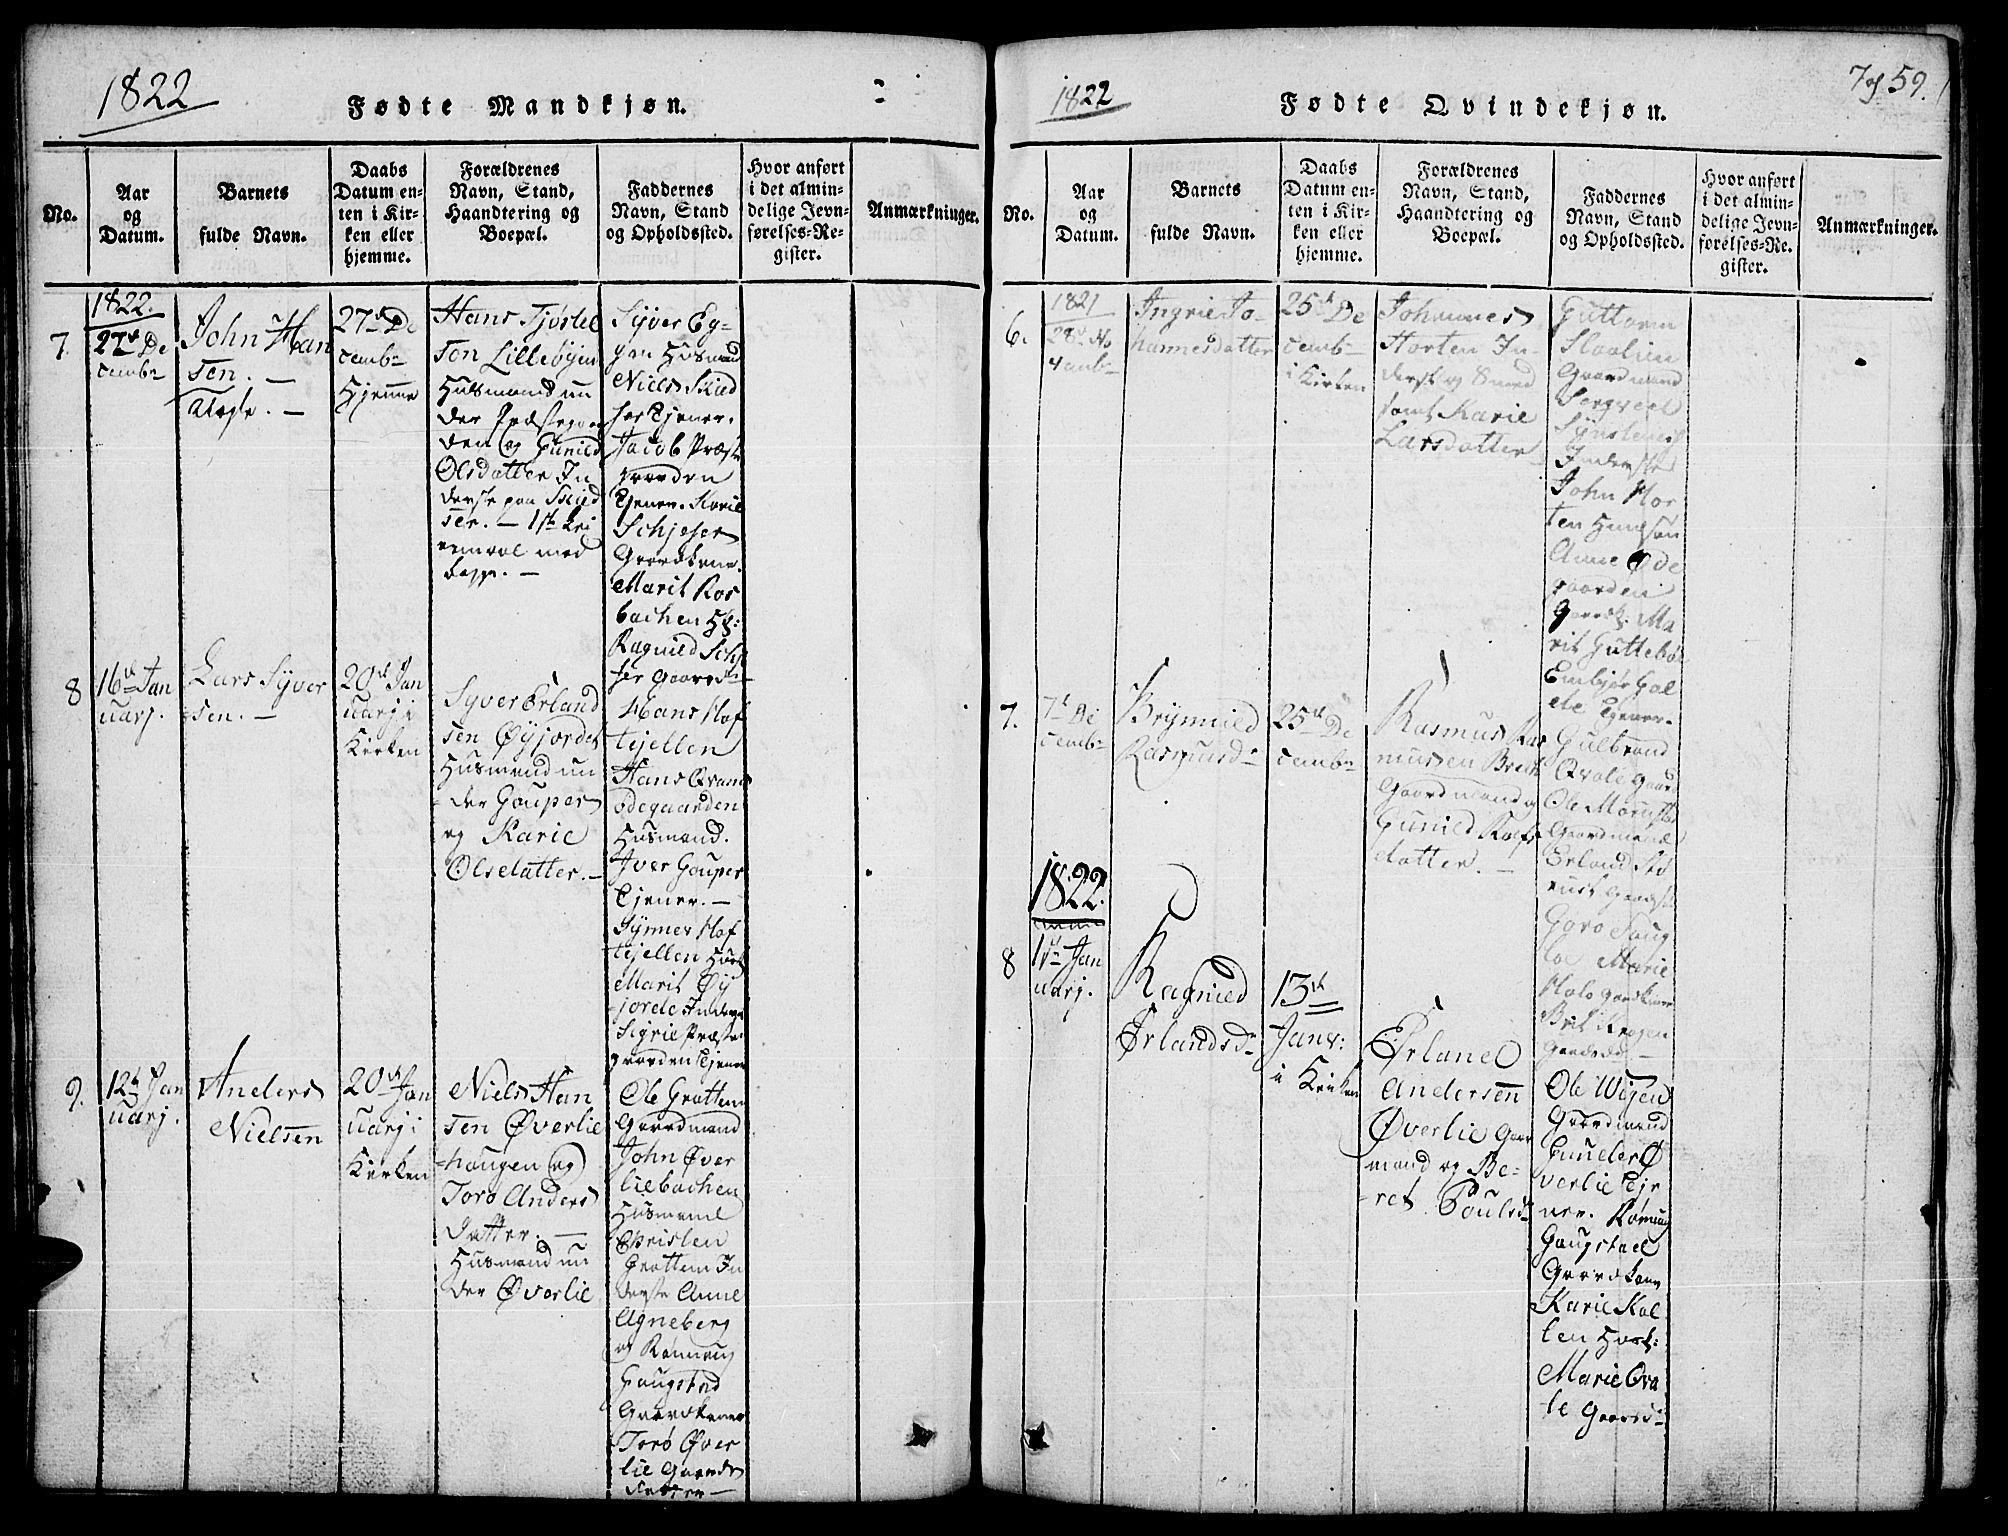 SAH, Lom prestekontor, L/L0001: Klokkerbok nr. 1, 1815-1836, s. 59